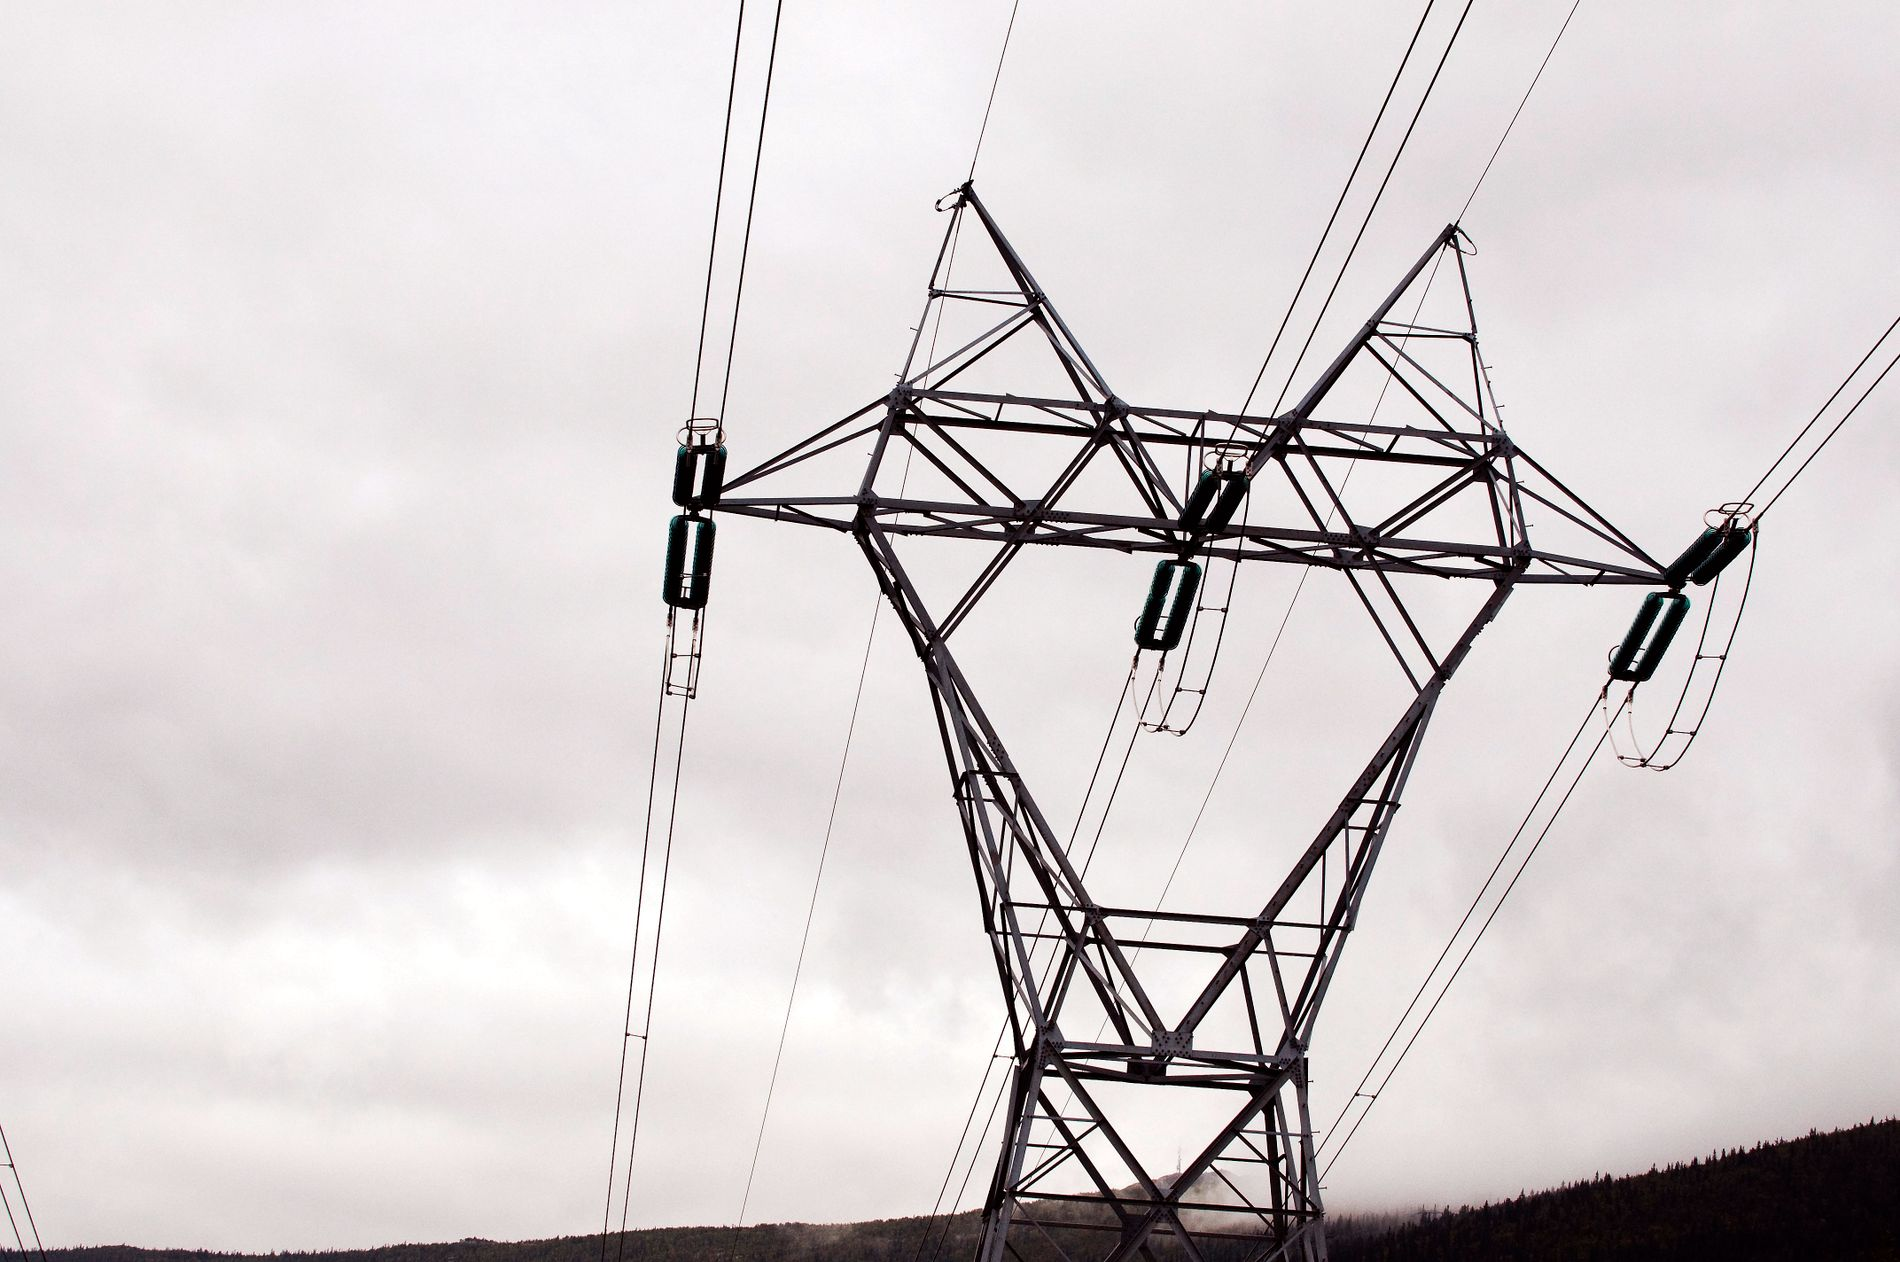 STRØM: – Det er fortsatt norske myndigheter som vil ha ansvar for norsk energipolitikk, skriver kronikkforfatterne.